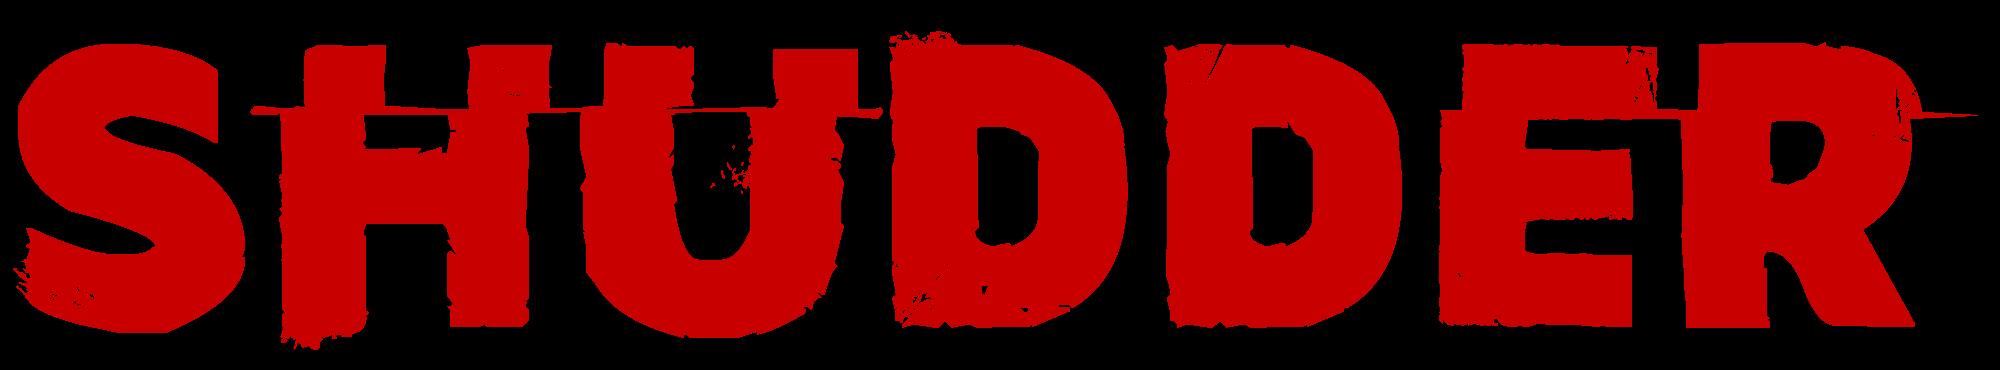 Shudder_Logo_Color.png